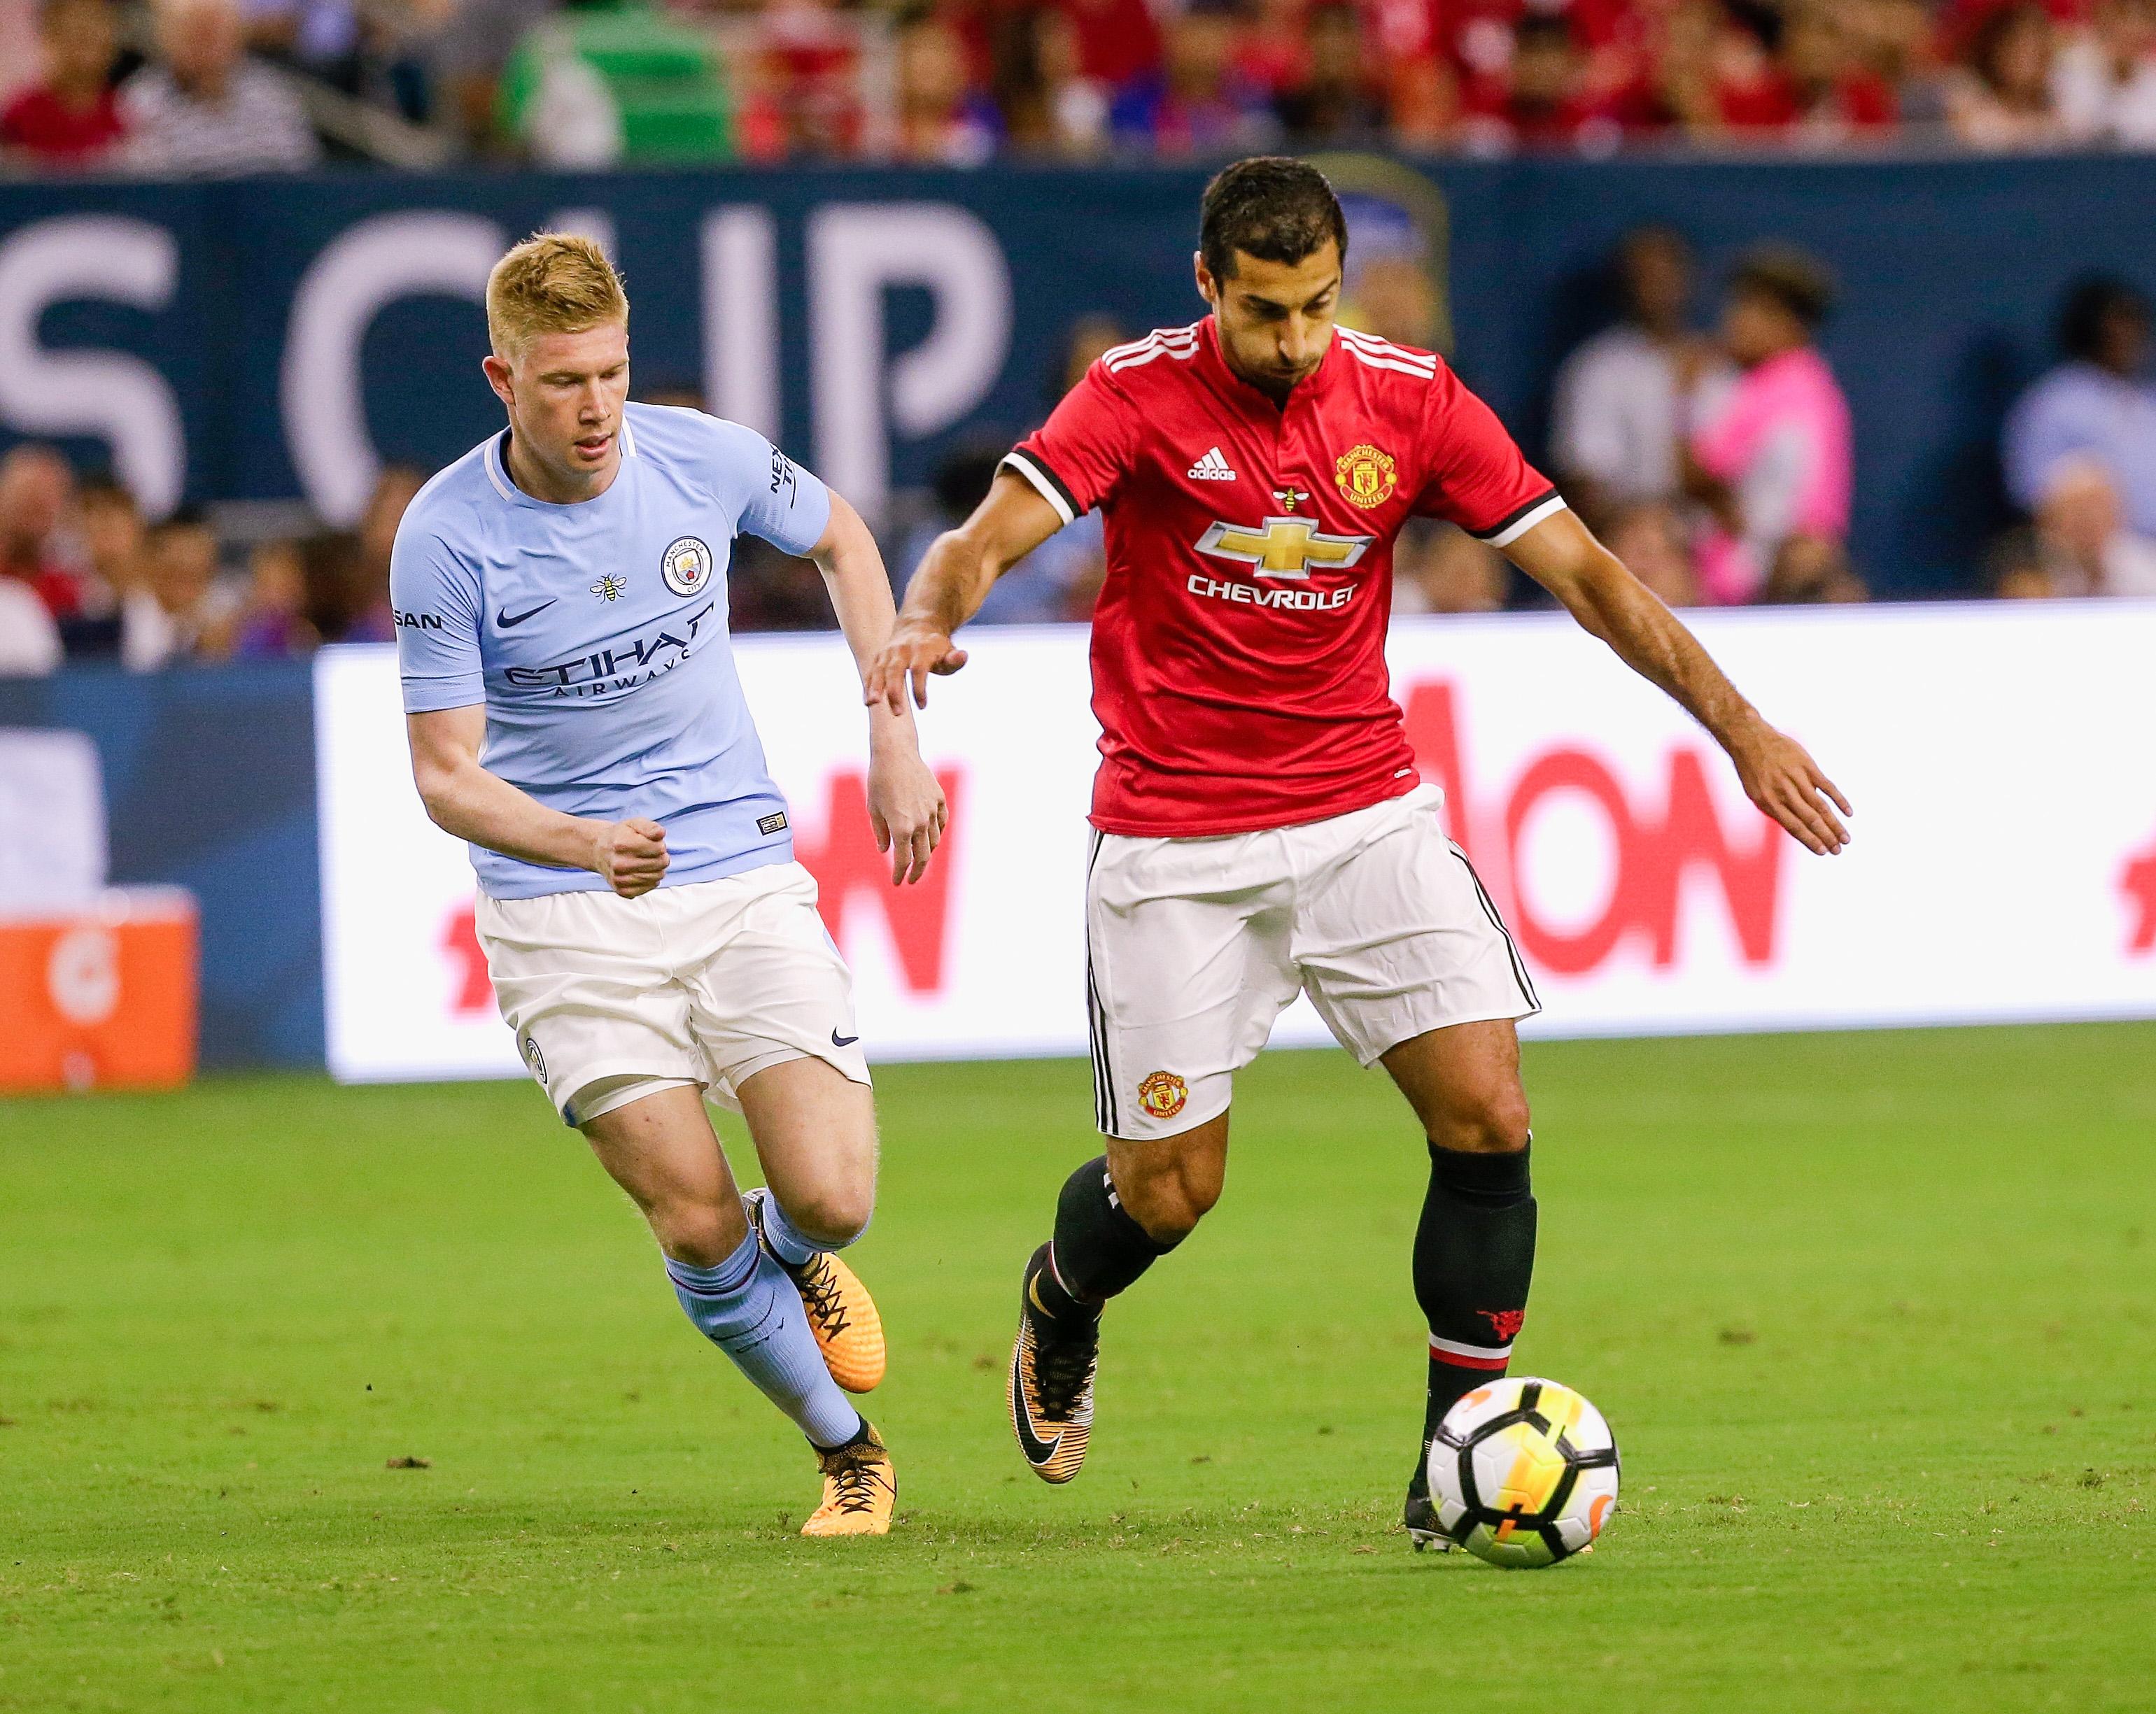 Юнайтед 2 прогноз на матч ман 11 2018 сити